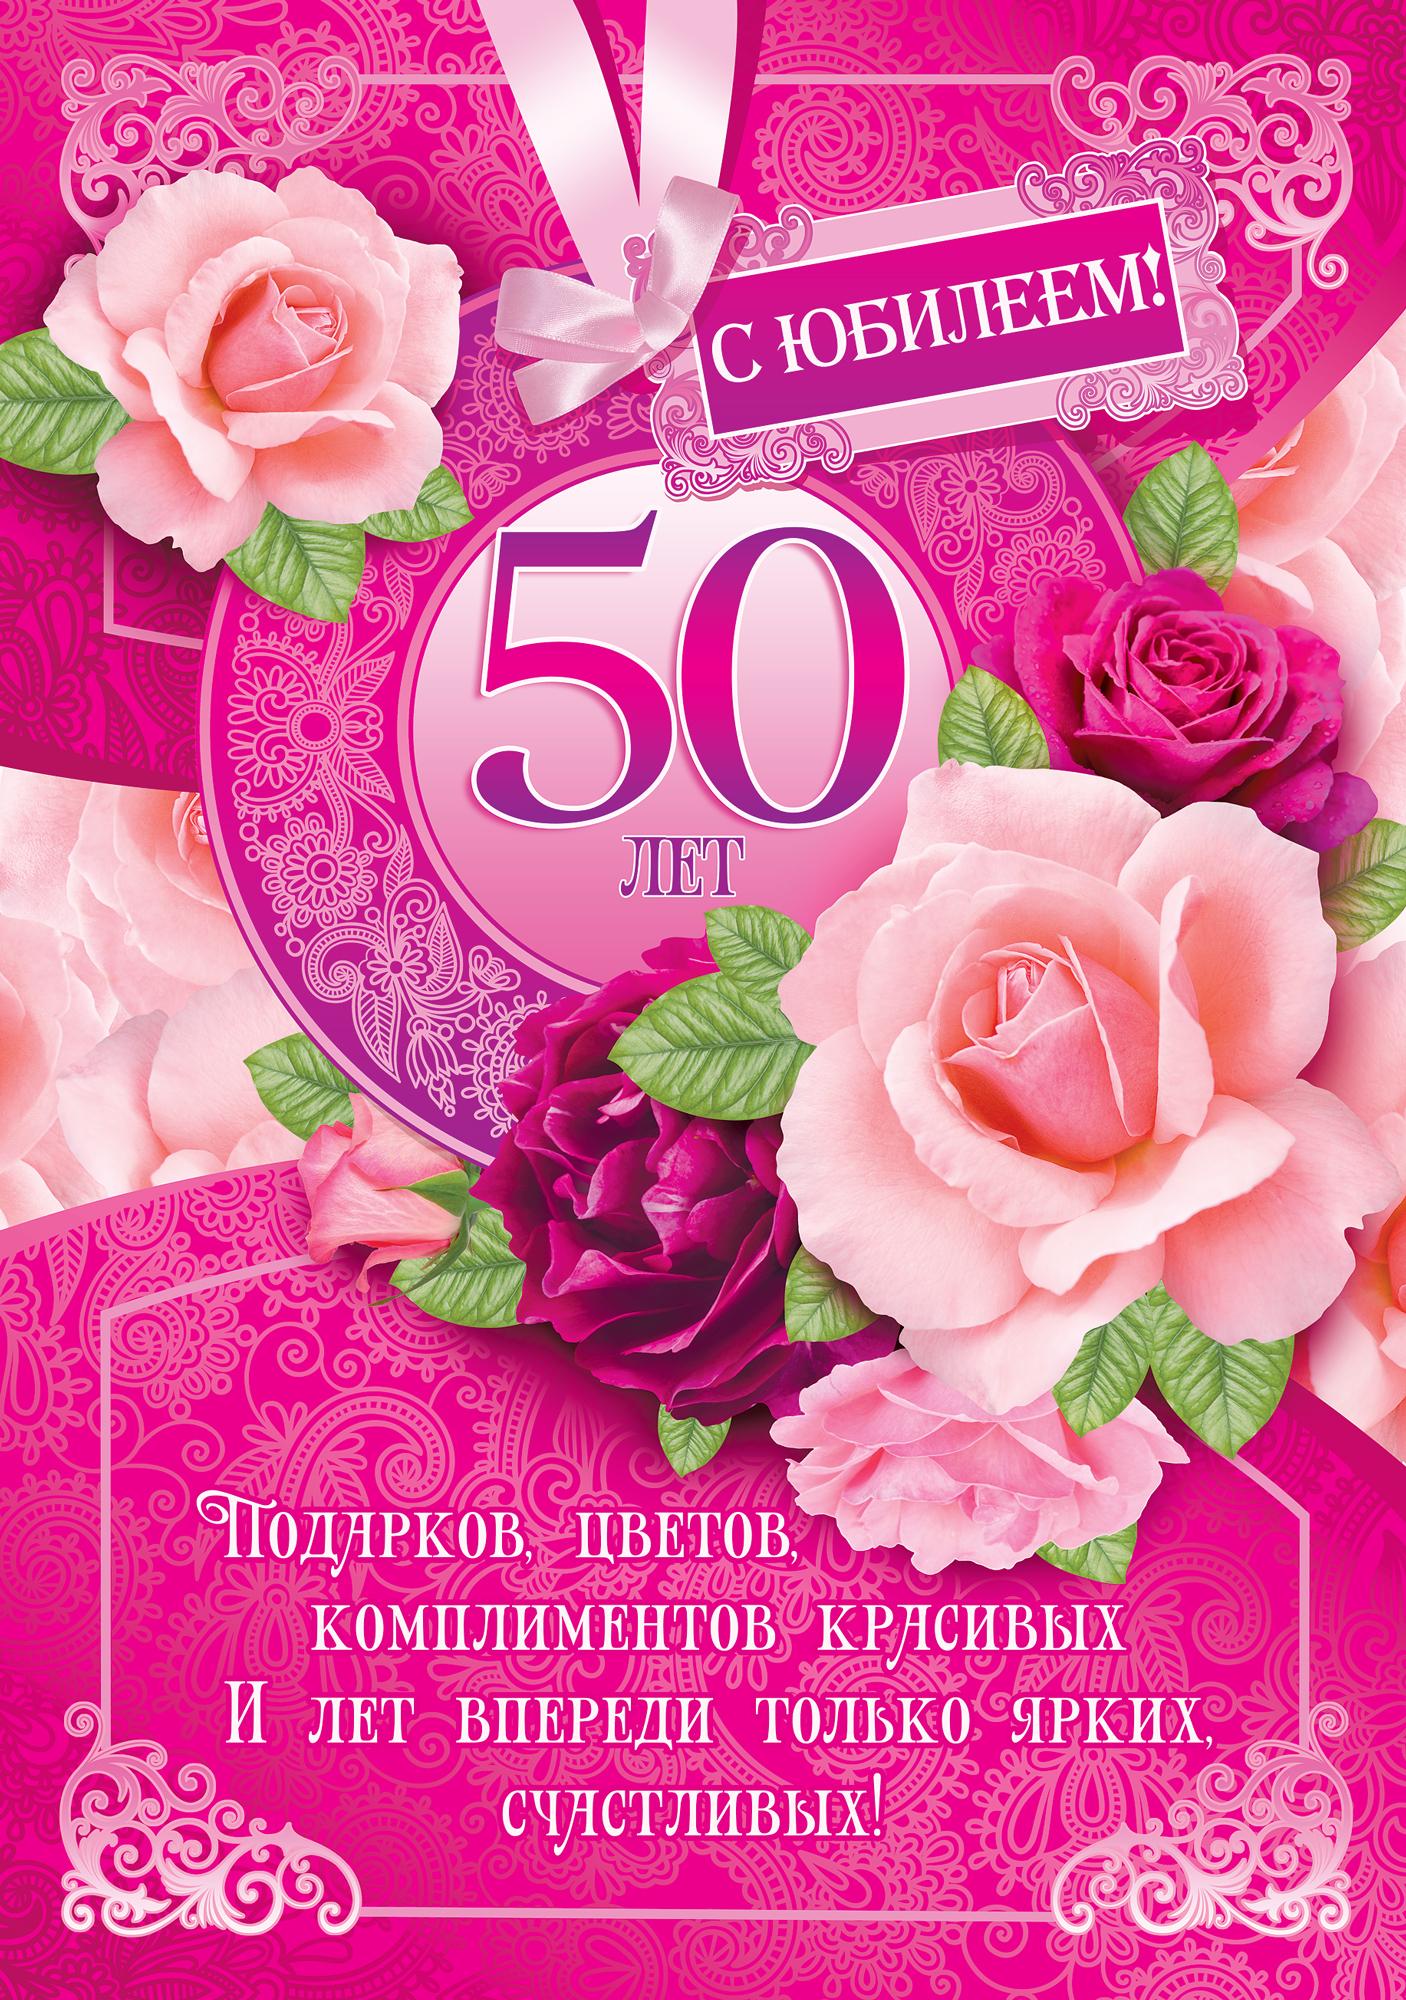 Стихи поздравления к юбилею 50 лет женщине